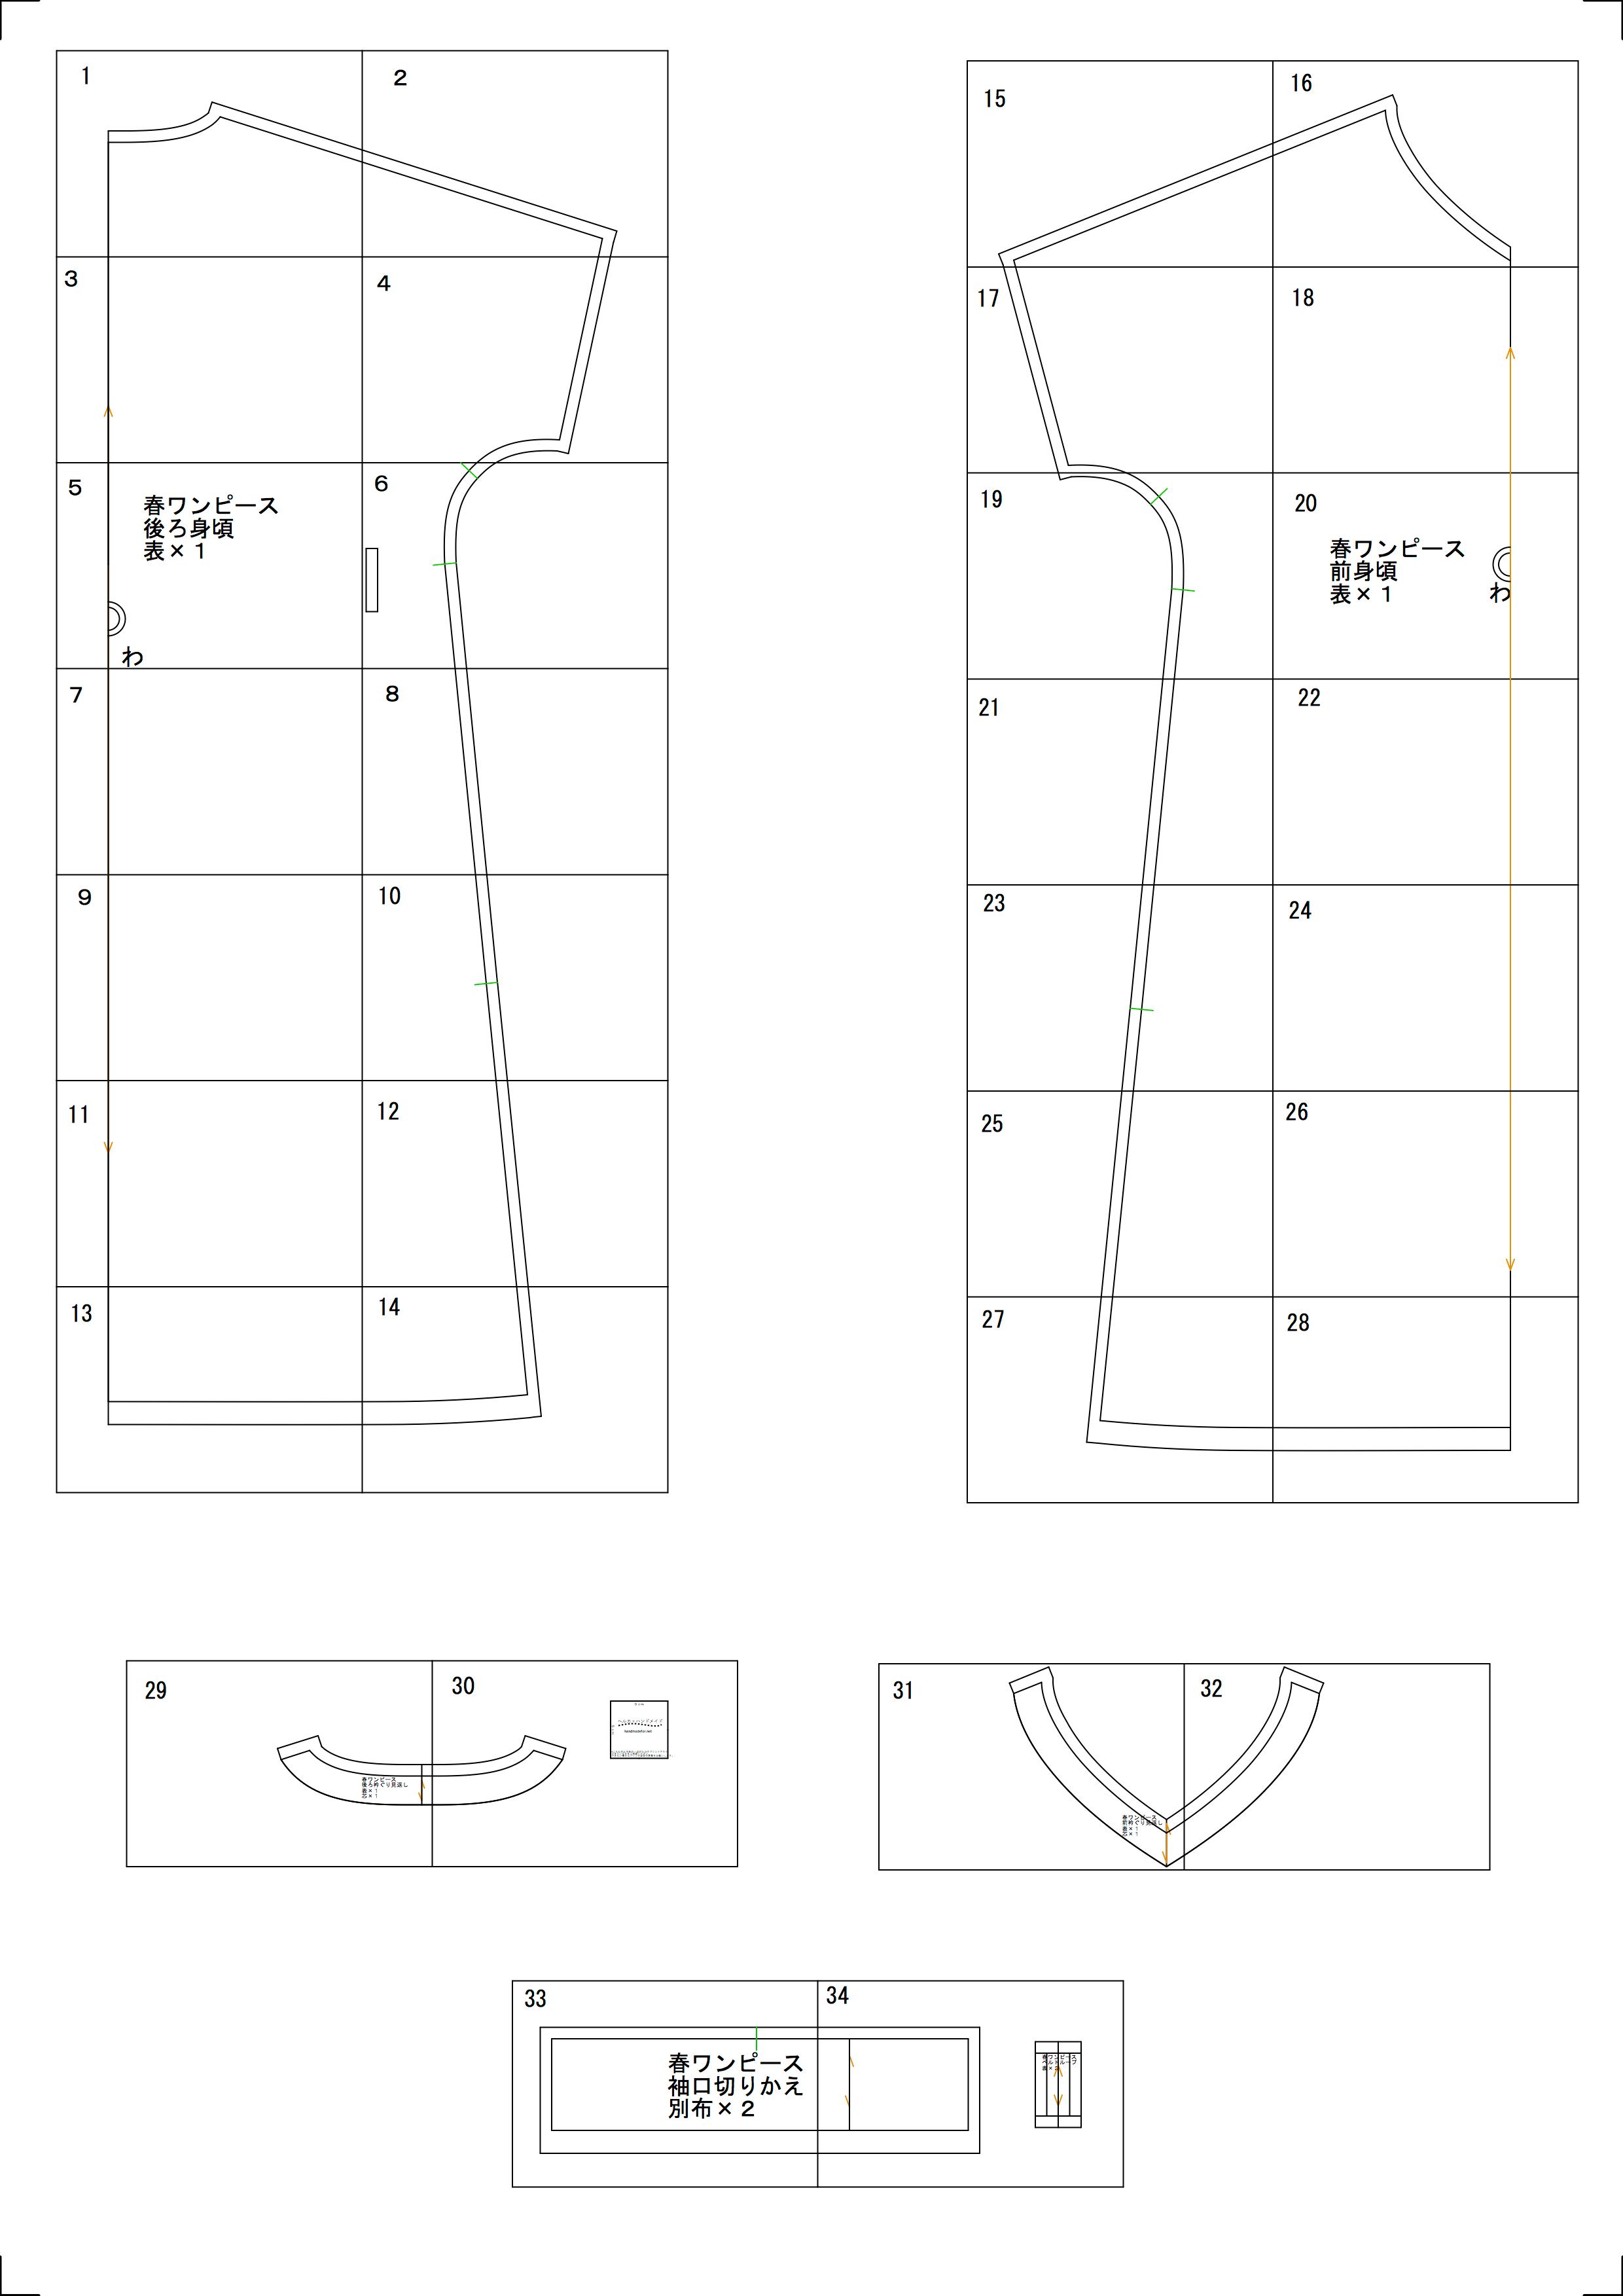 春ワンピースの型紙完成図